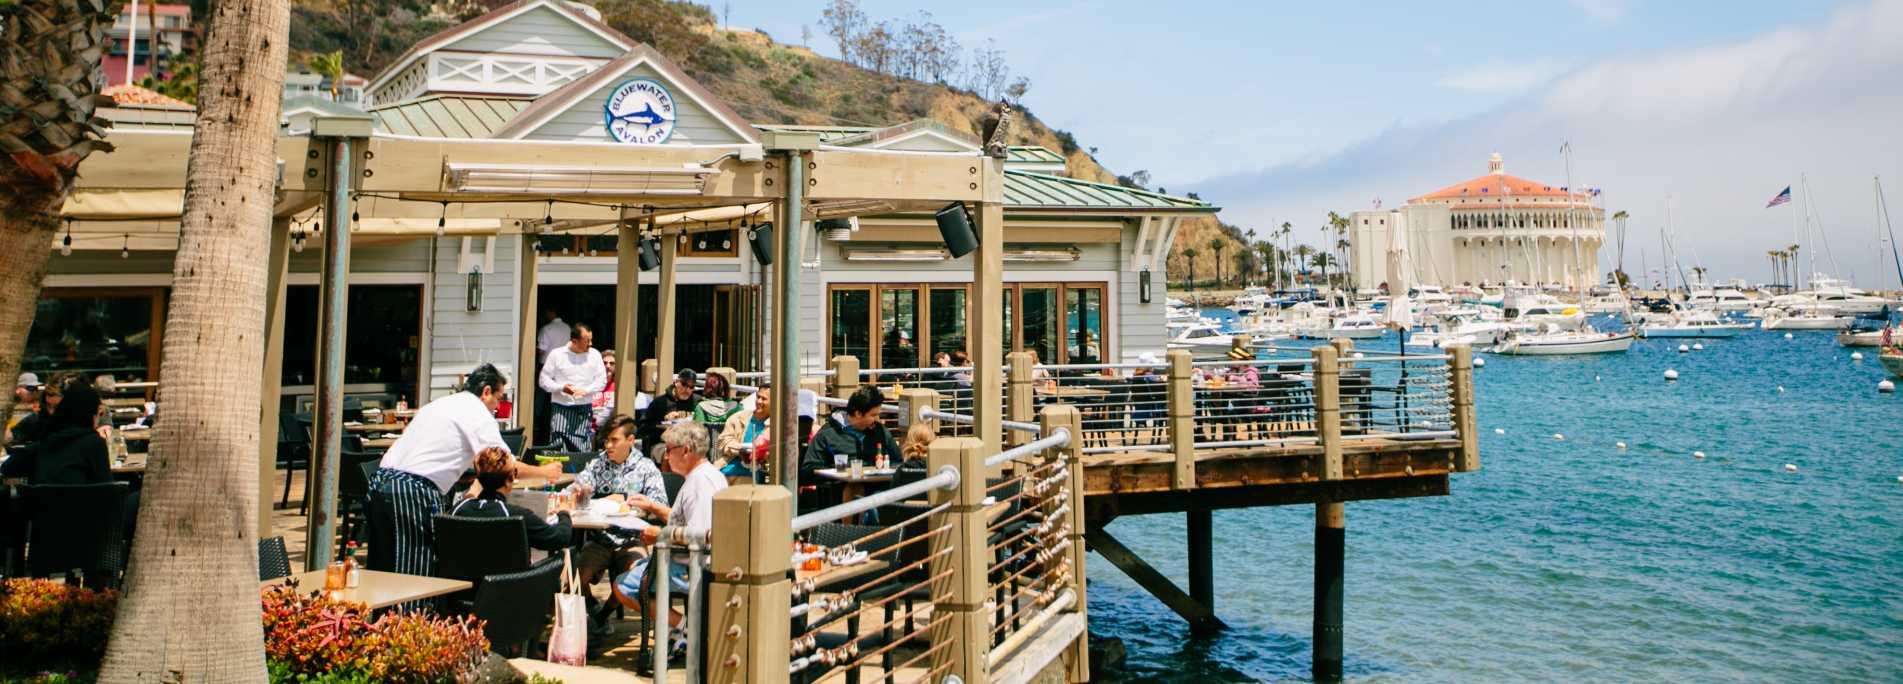 Where to Eat | Catalina Island